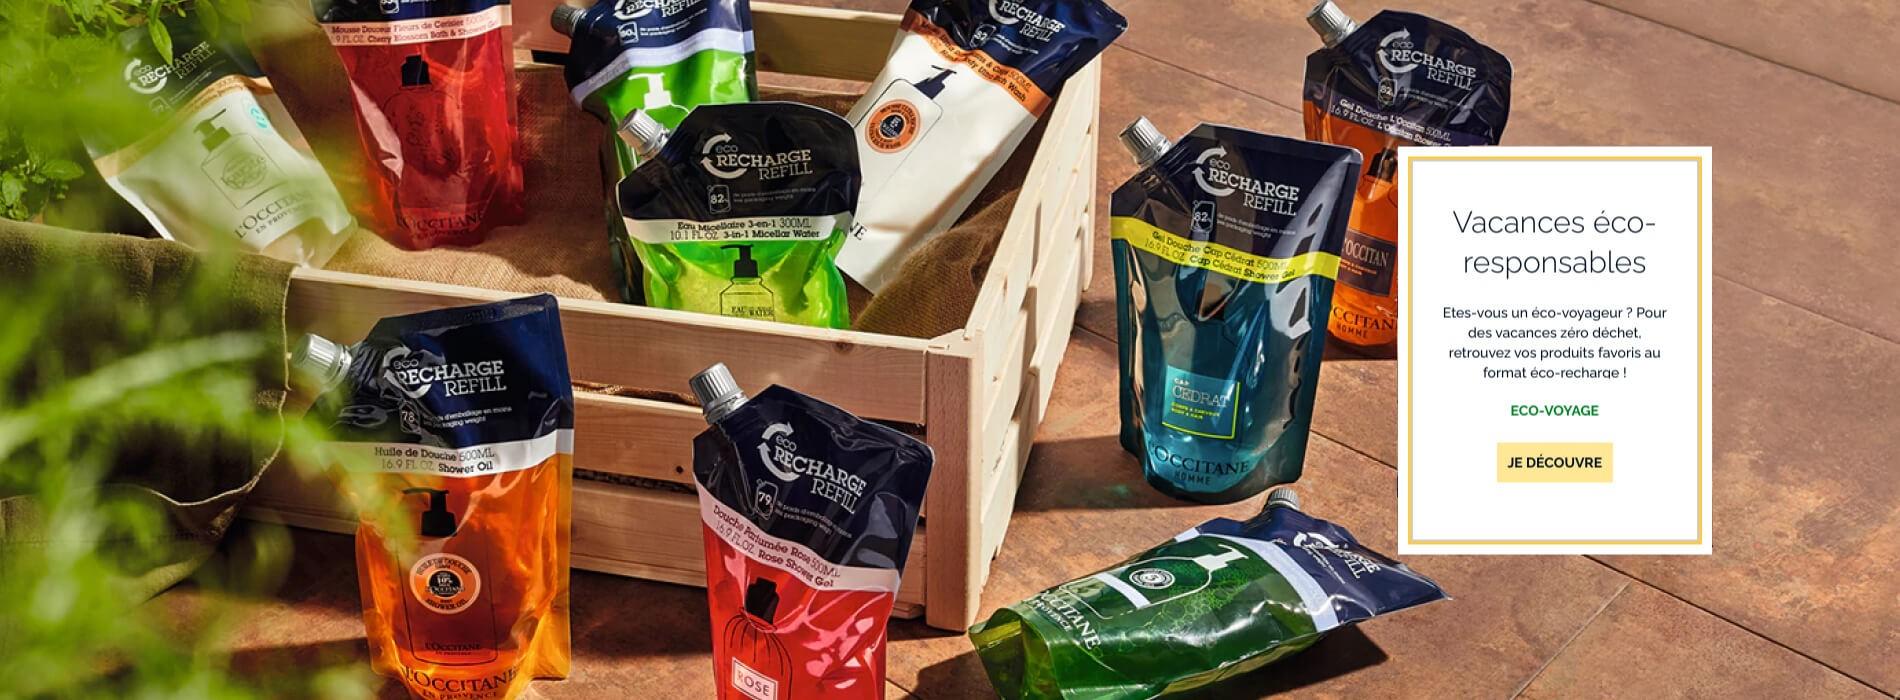 L'Occitane en Provence - Eco-recharges